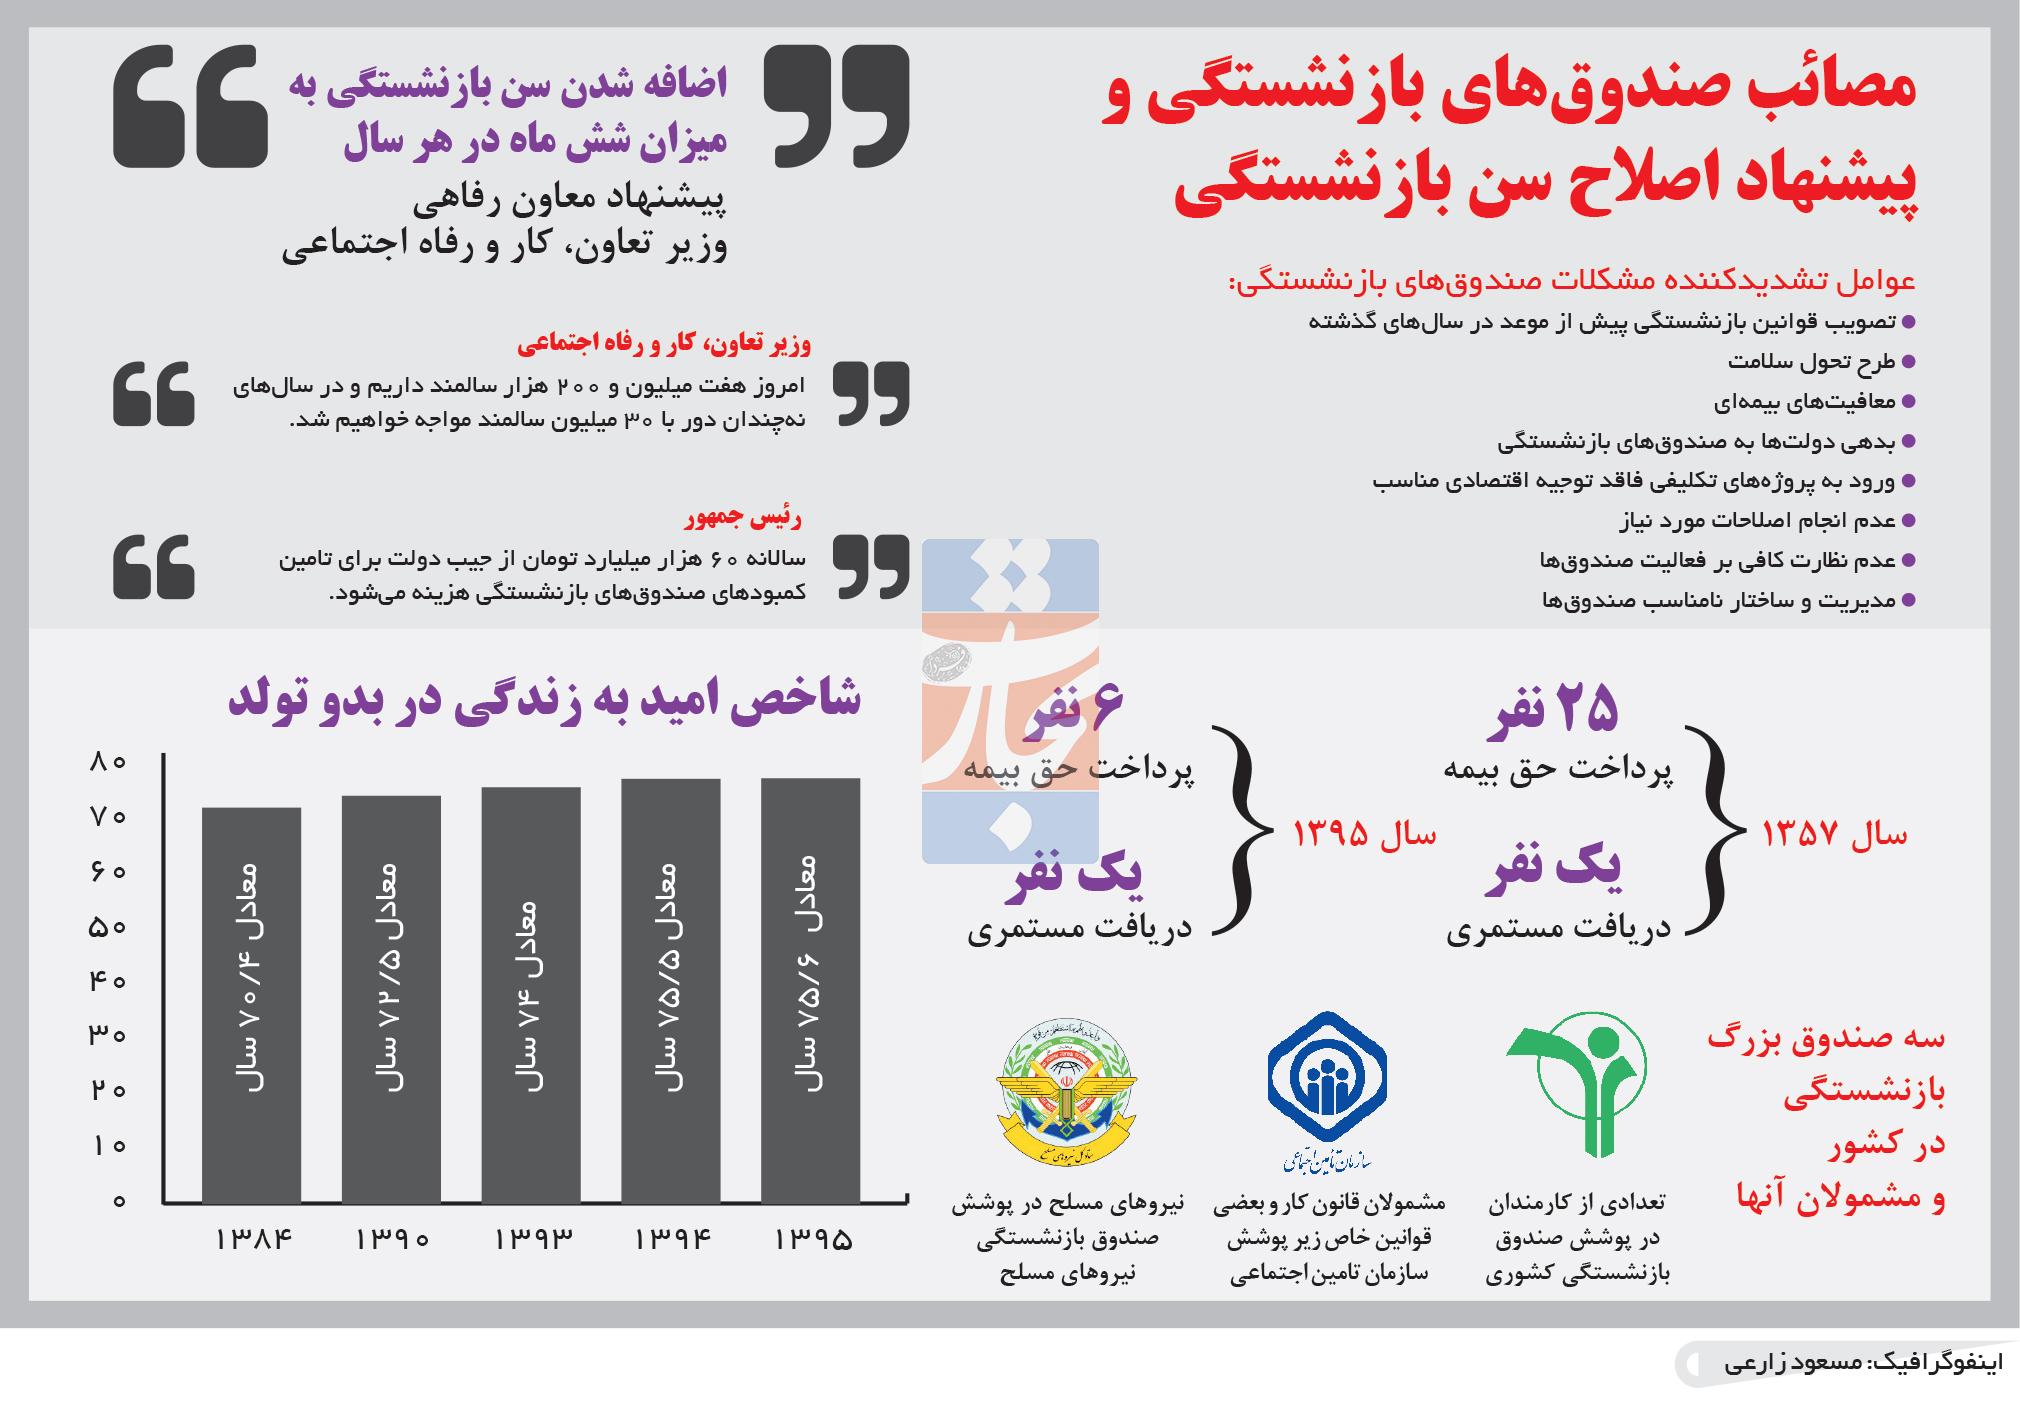 تجارت فردا- اینفوگرافیک- ارزیابی عملکرد بودجه سال ۹۶ کل کشور